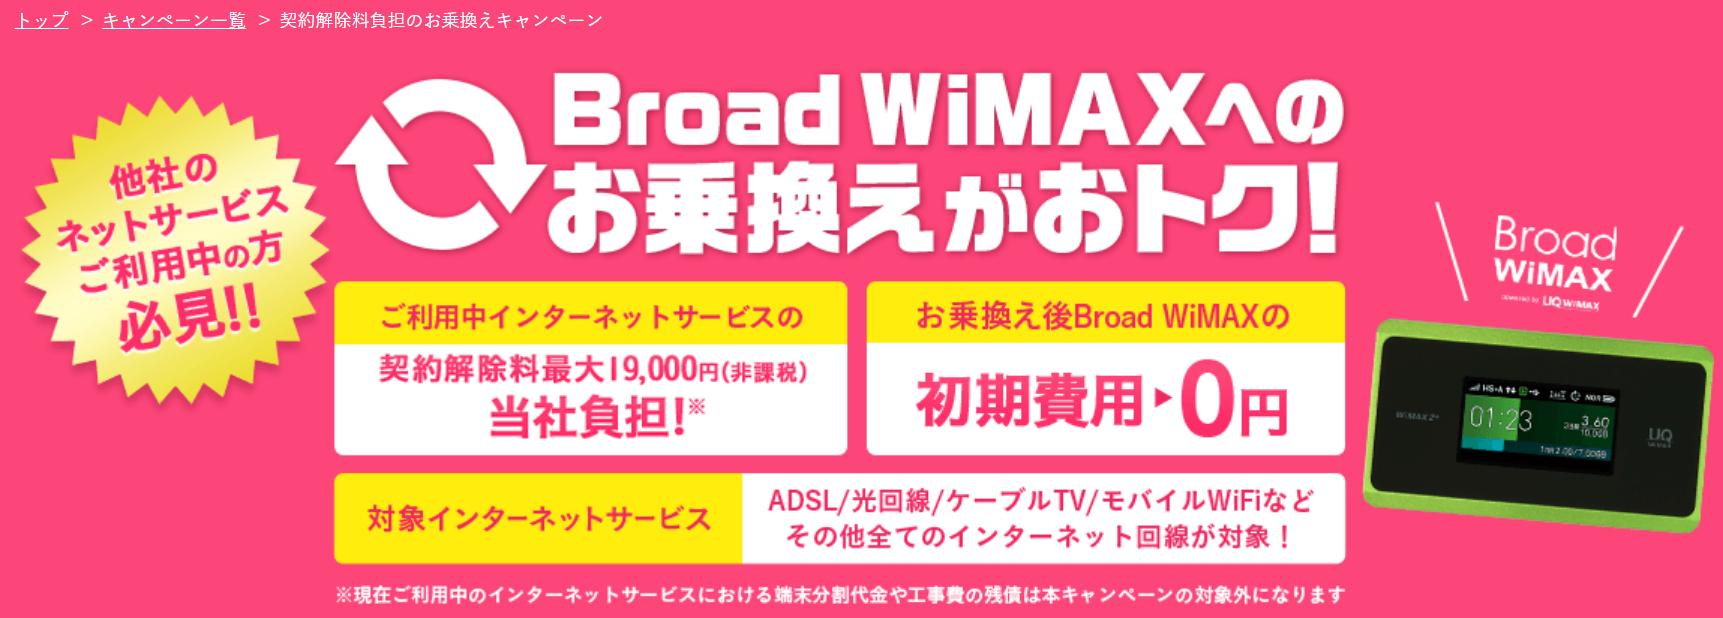 broad-wimax-campaign01_03